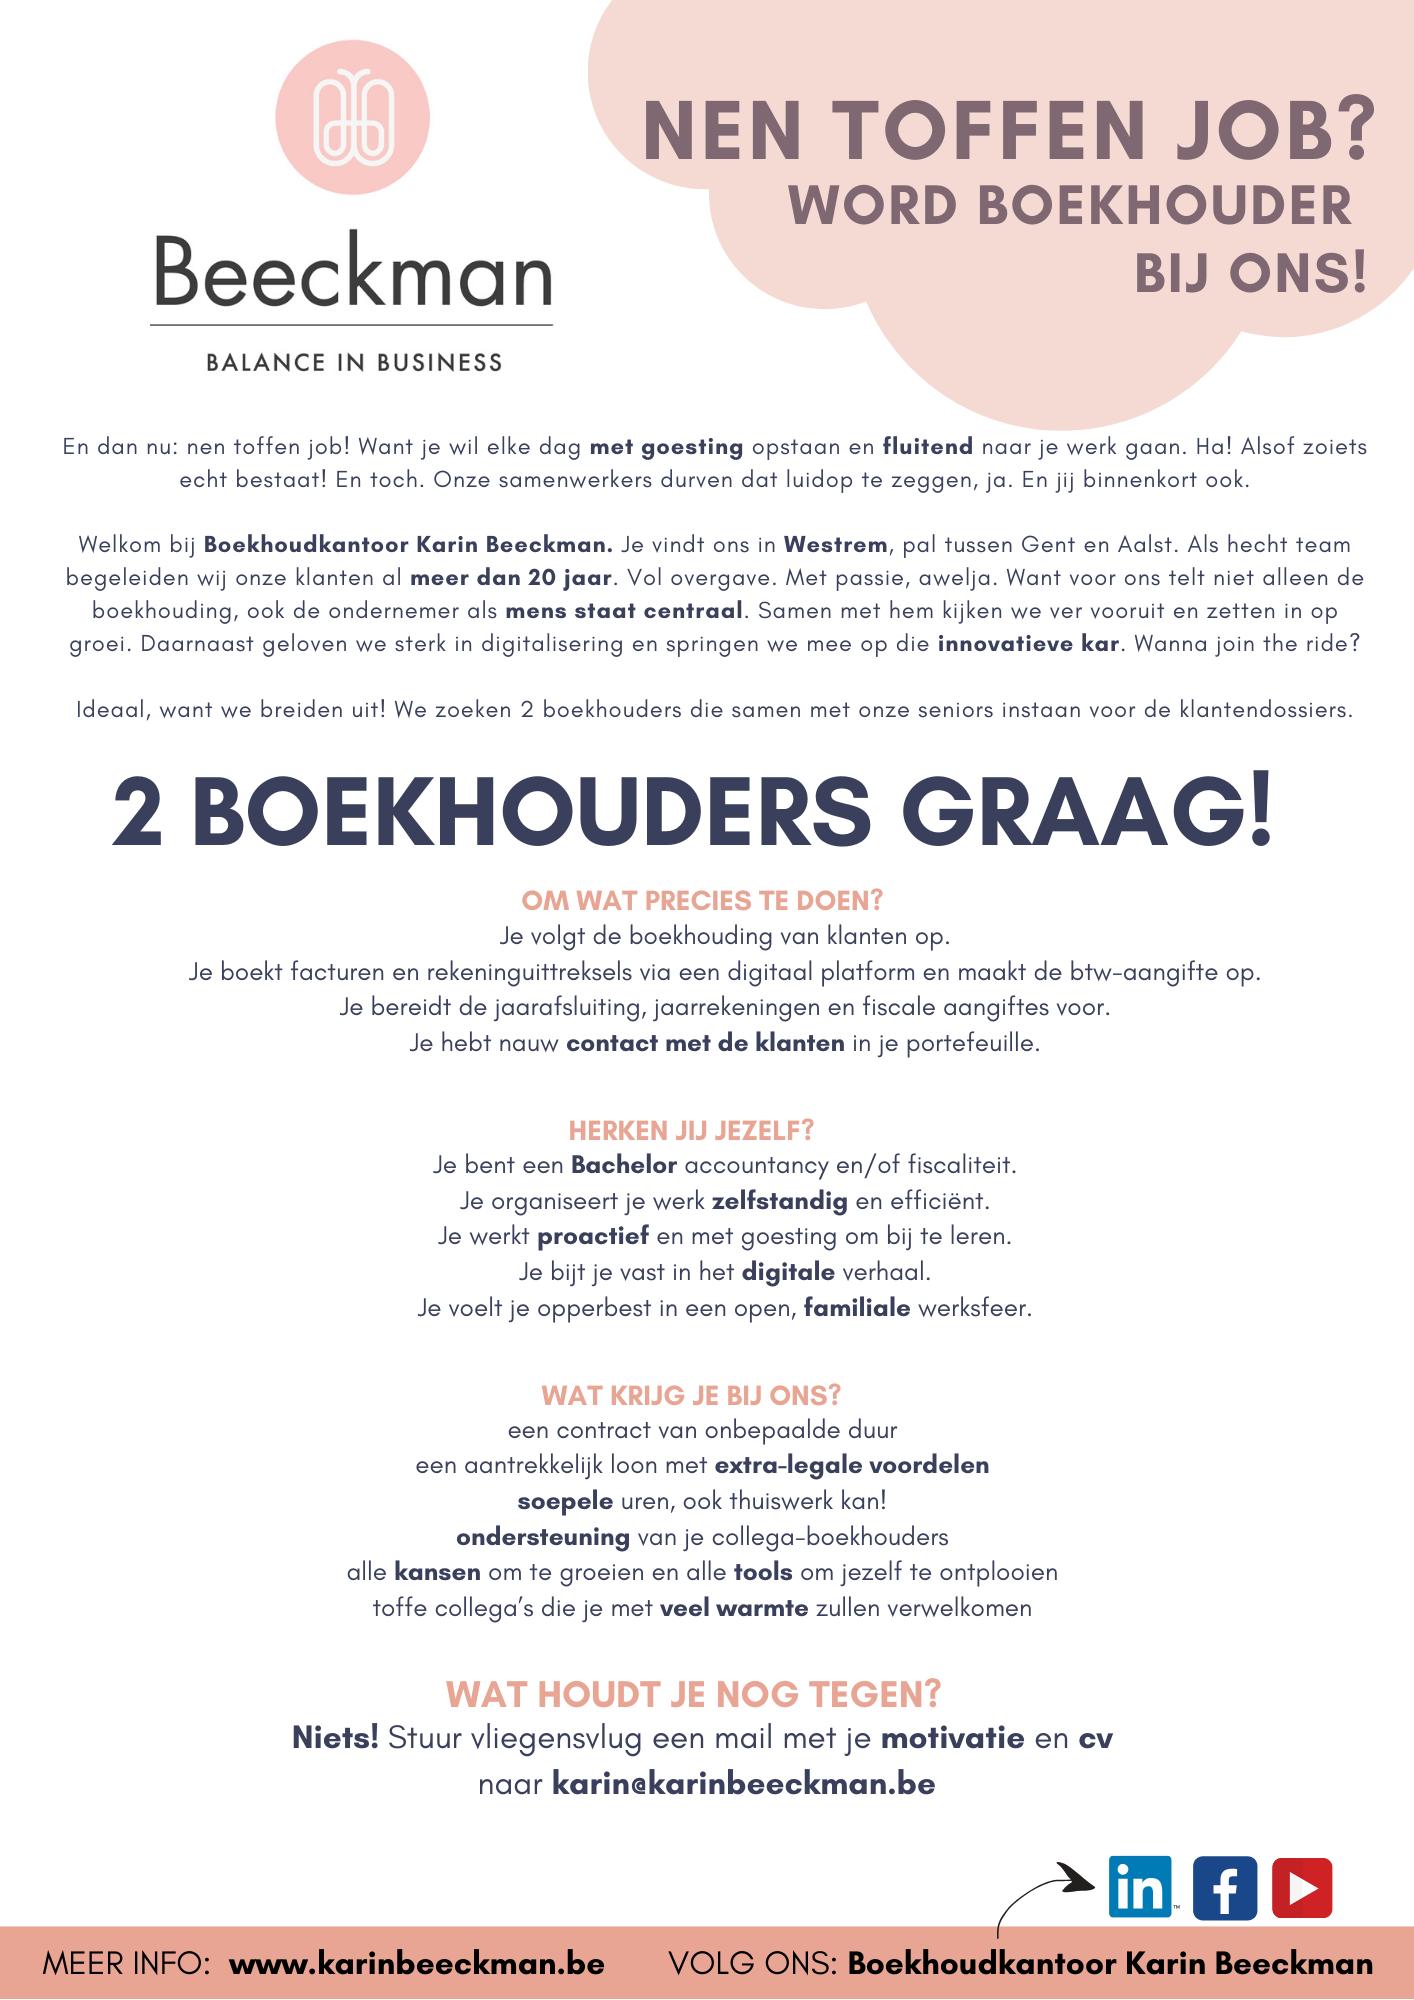 Boekhoudkantoor Karin Beeckman zoekt 2 boekhouders om haar team te versterken